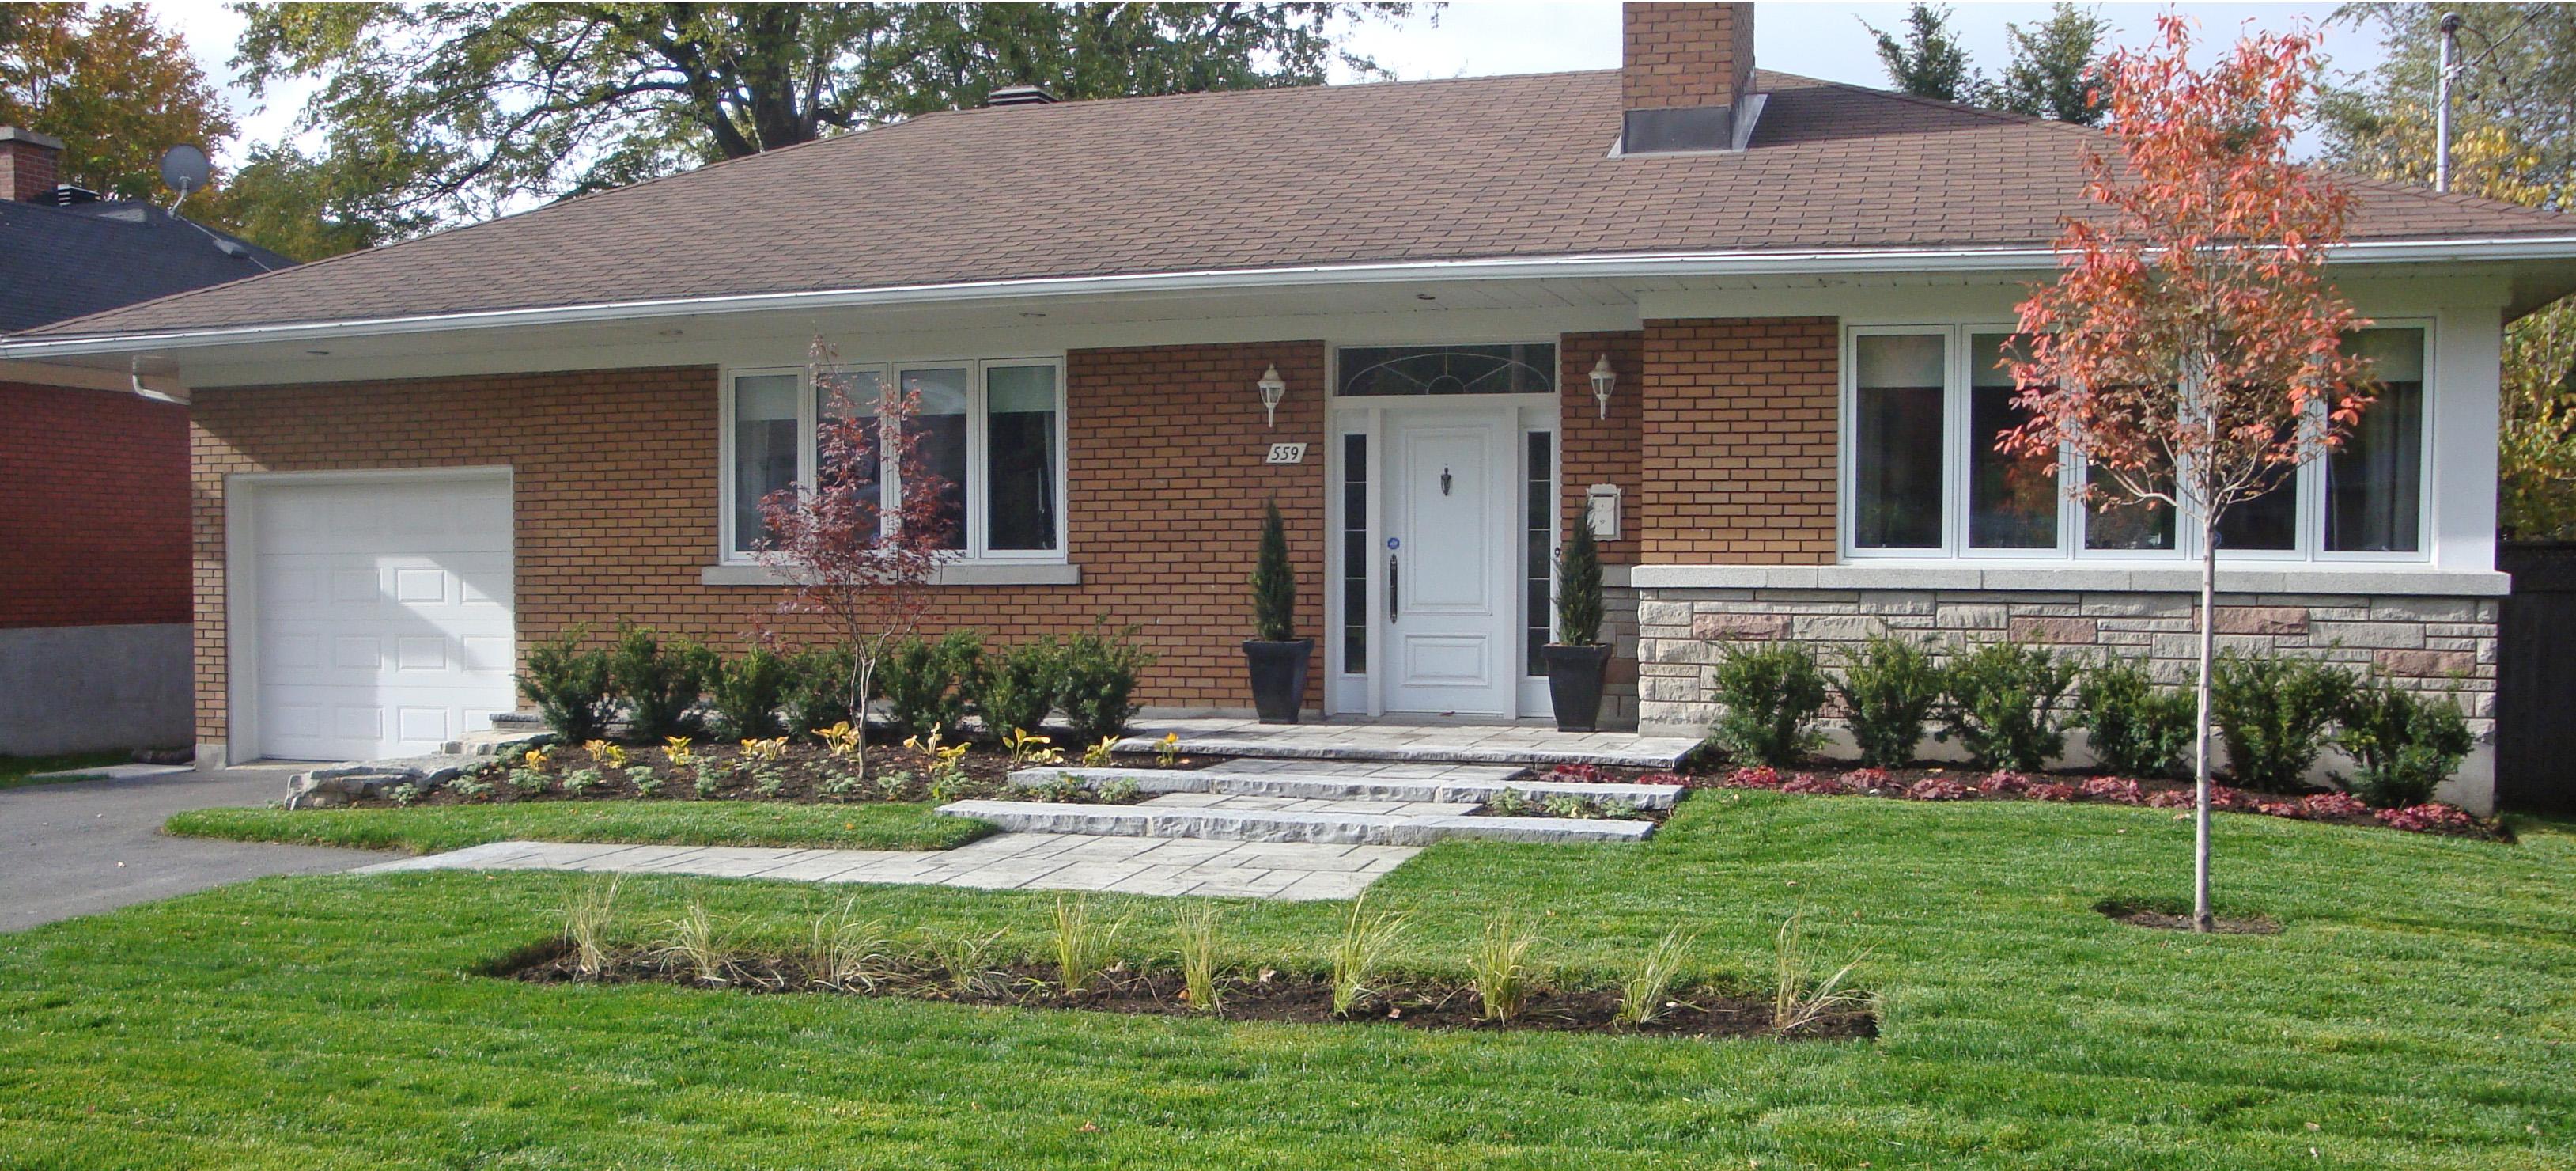 Redynamisation complète de la façade, par l'introduction d'éléments soulignant l'horizontalité de la résidence.